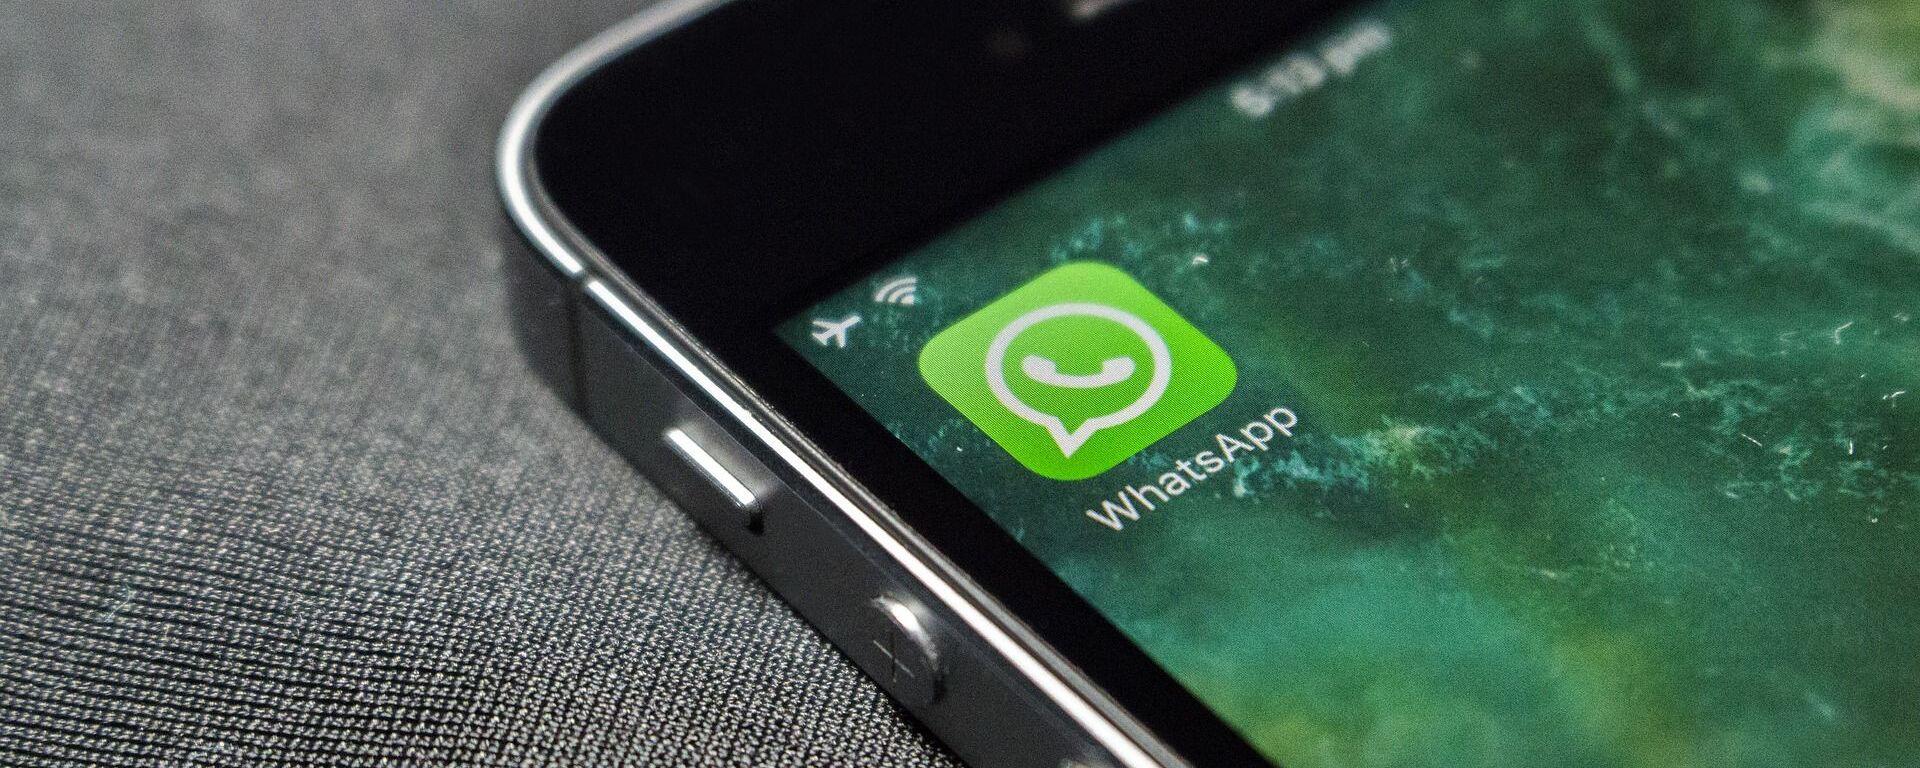 Logo dell'applicazione WhatsApp sullo schermo di uno smarphone - Sputnik Italia, 1920, 28.06.2021